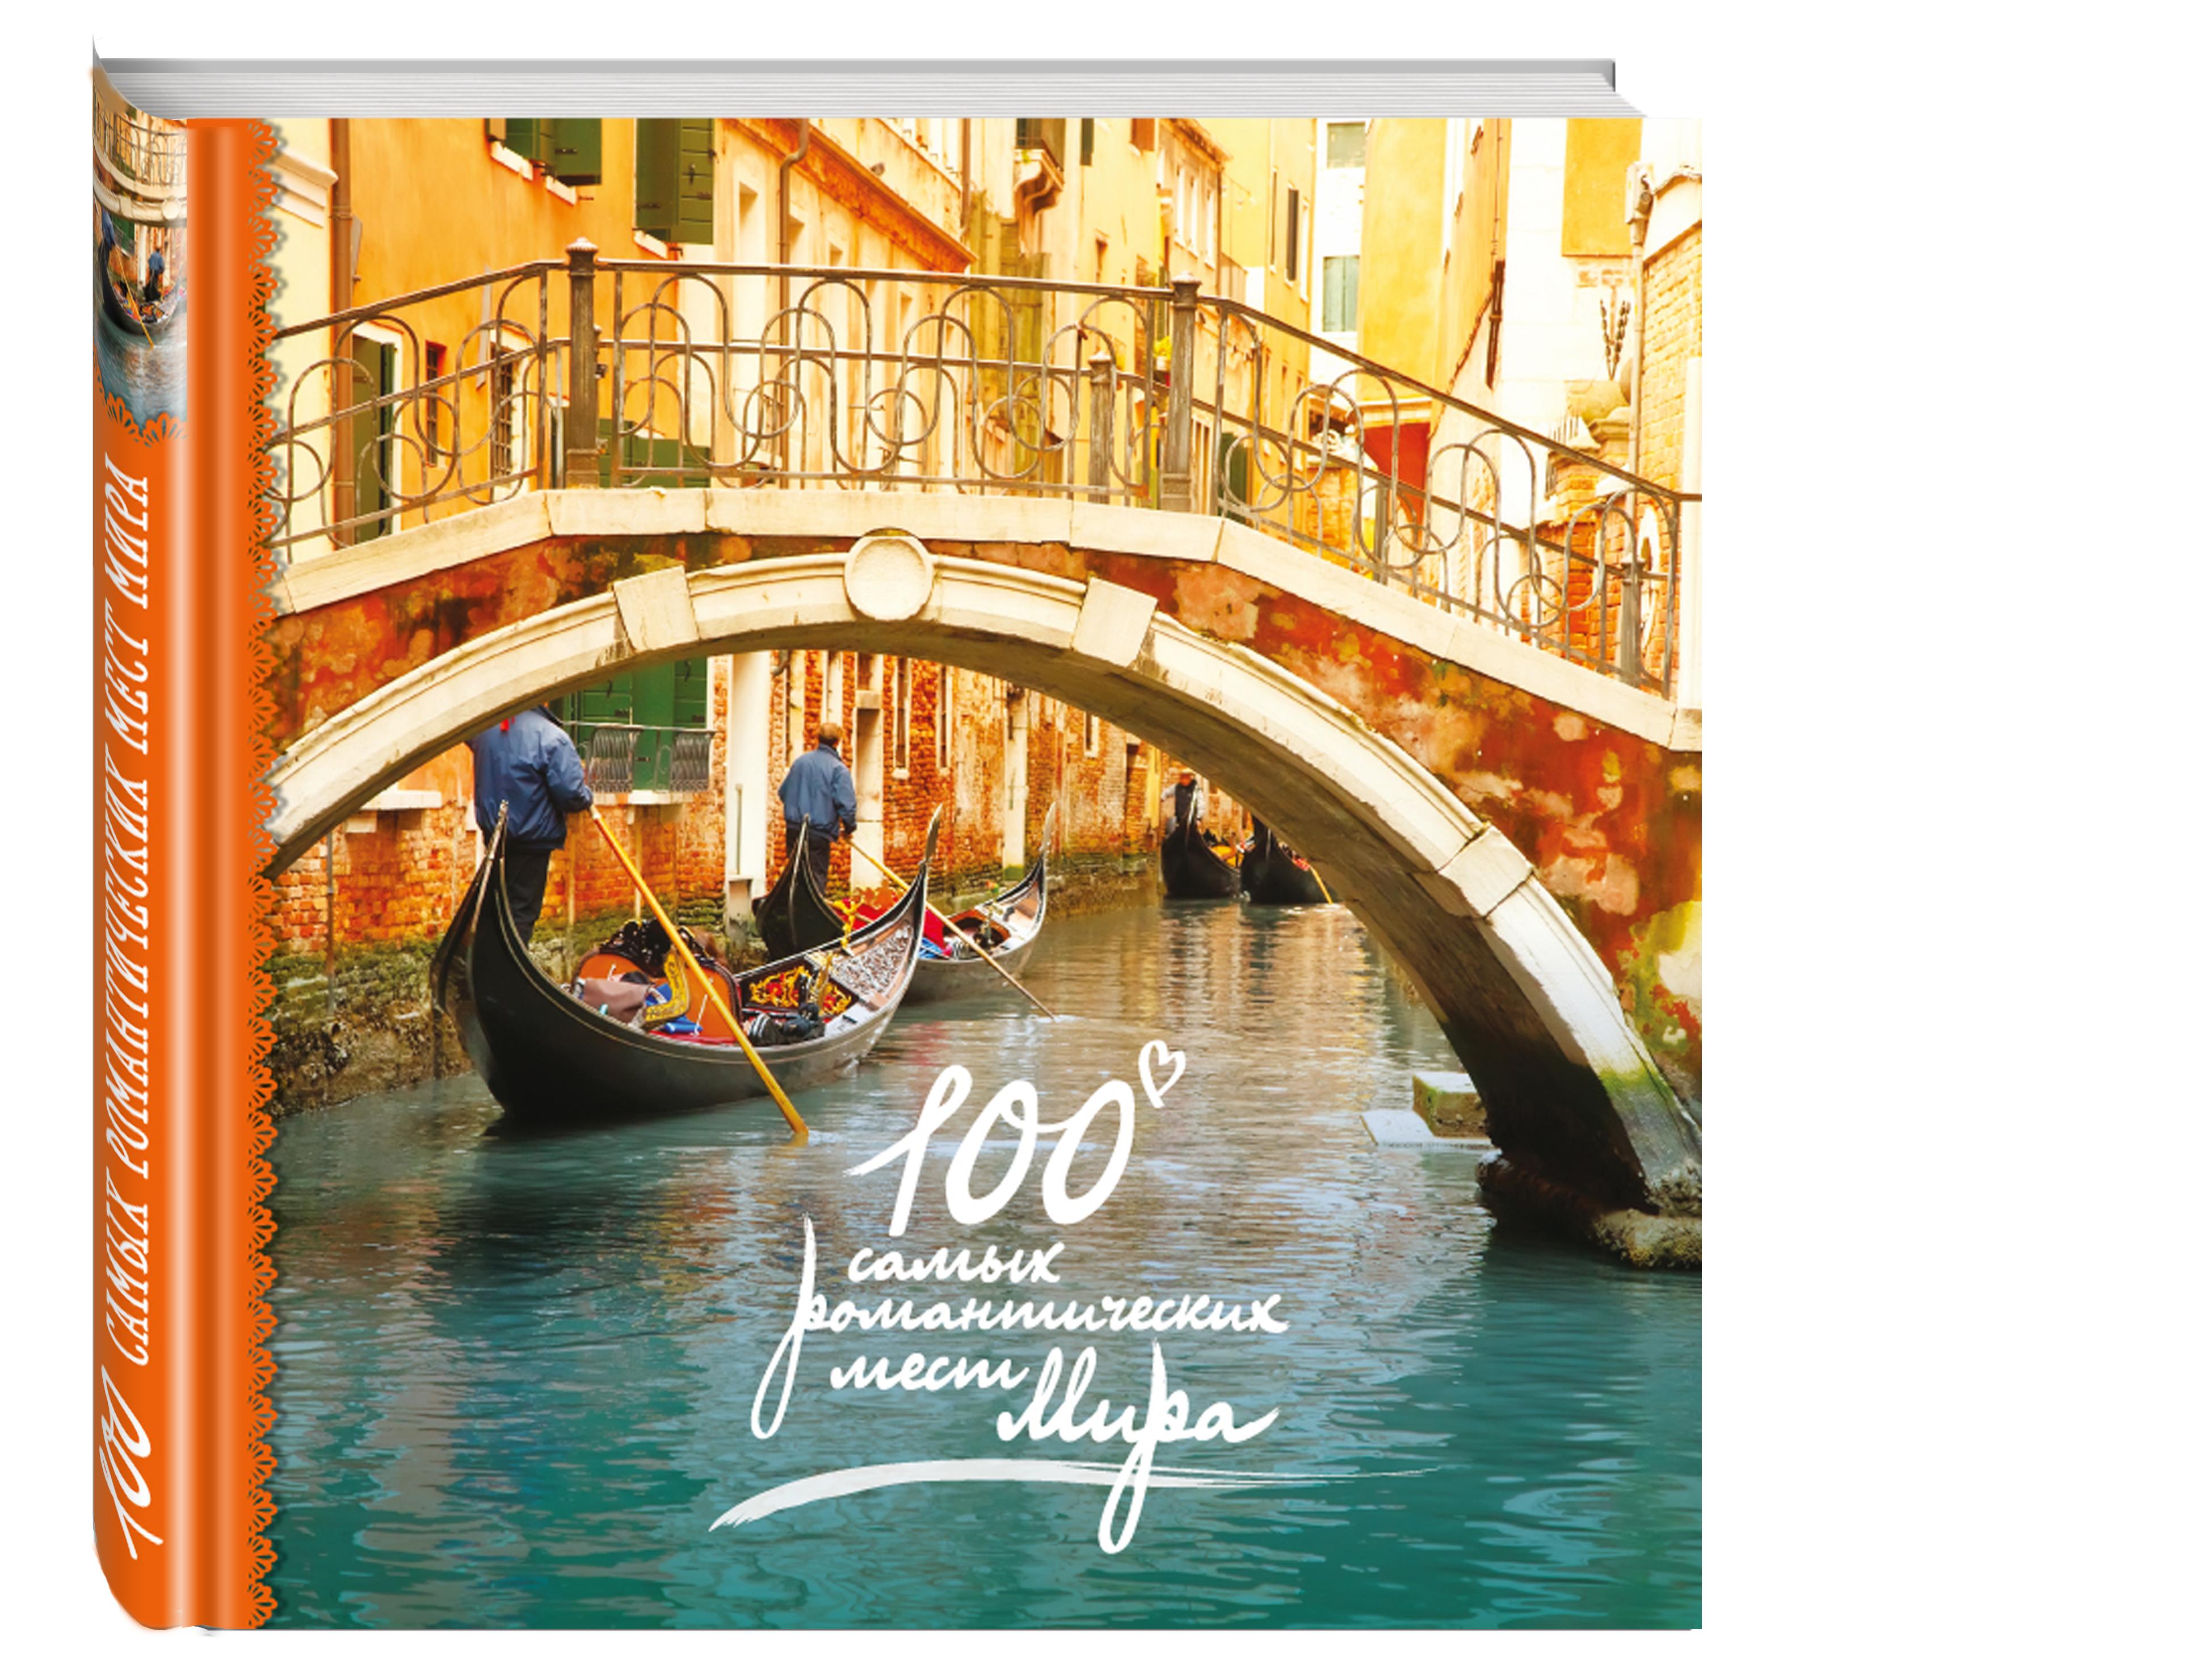 100 самых романтических мест мира цена